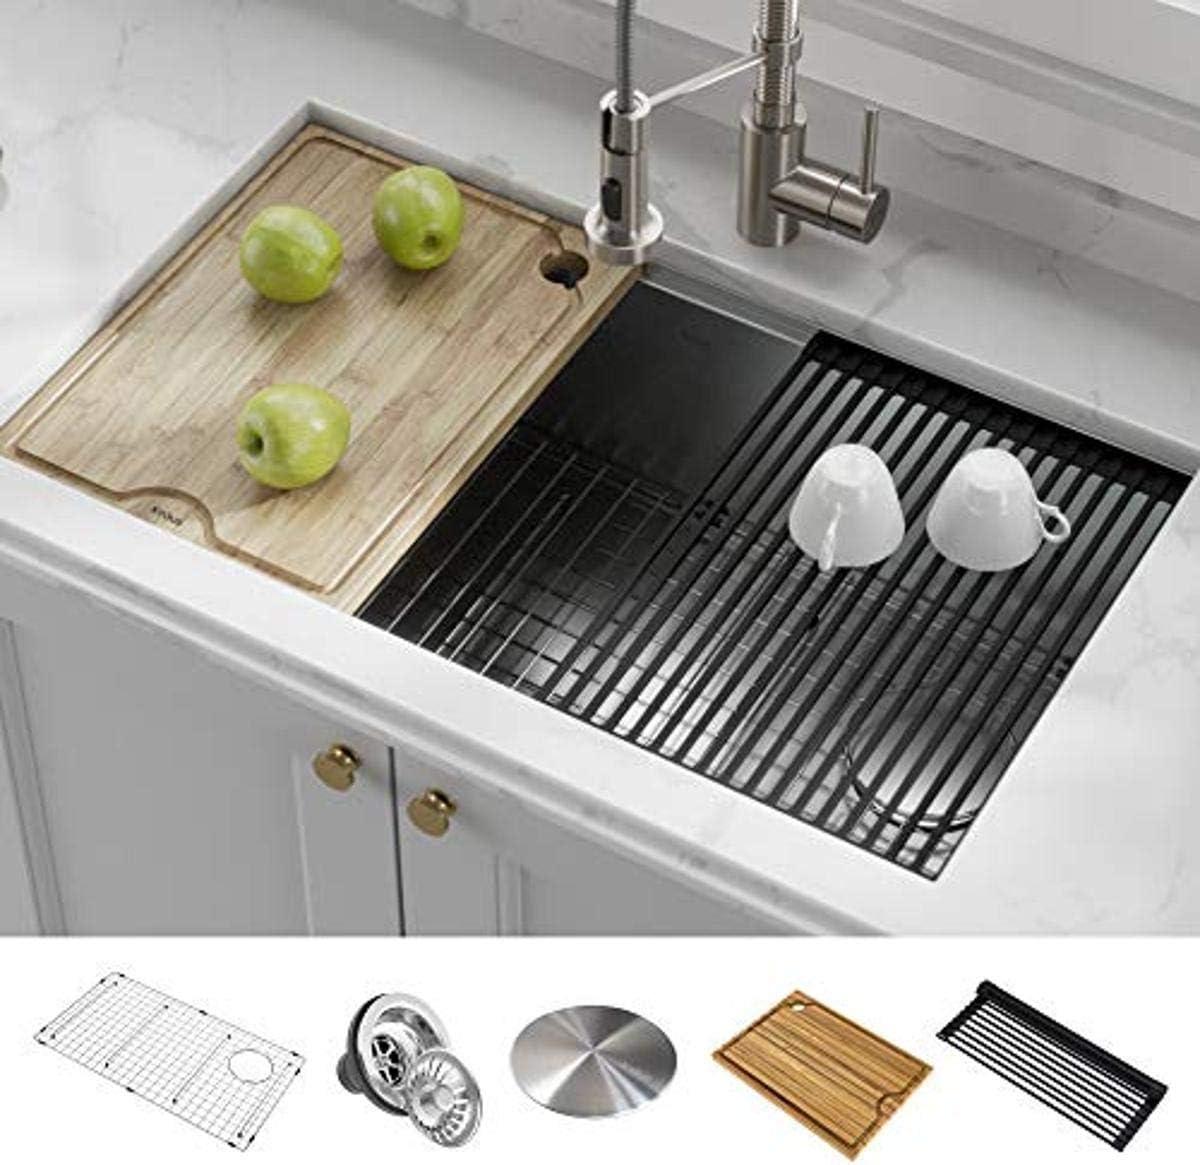 best stainless steel kitchen sinks: KRAUS KWU110-32 Kore Workstation